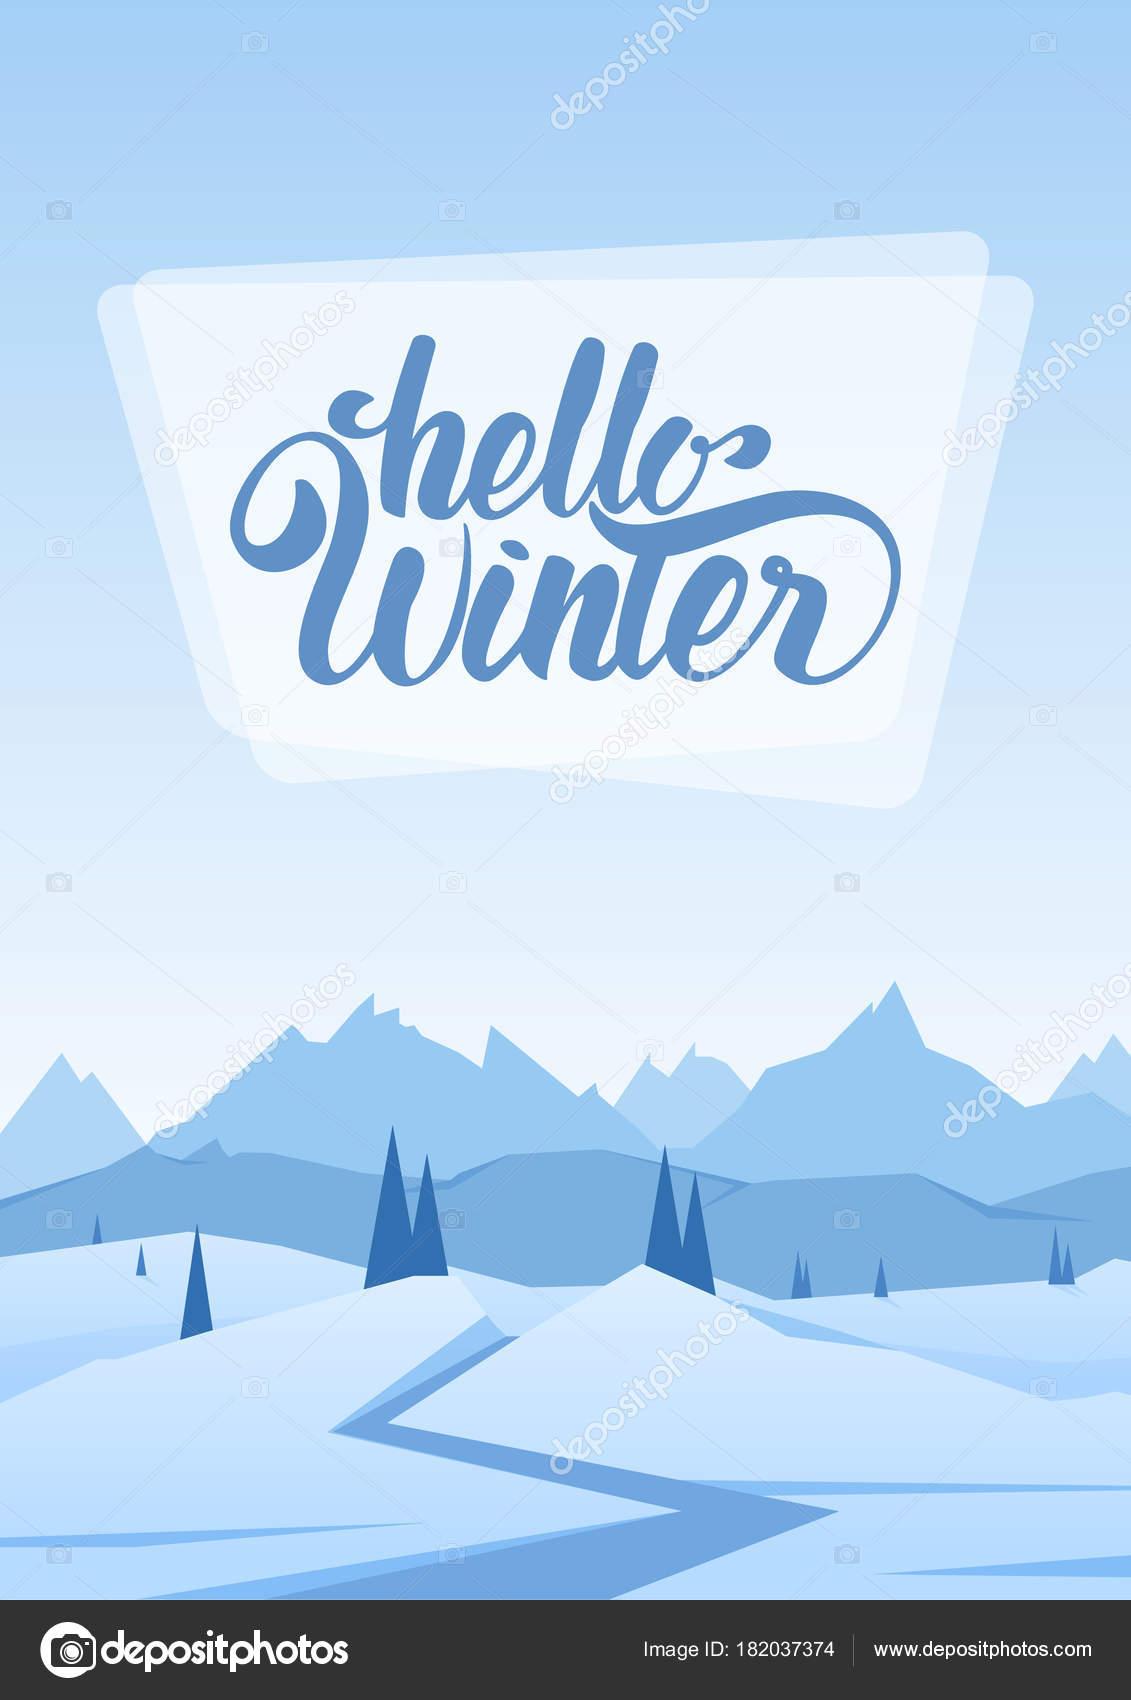 ベクトル イラスト 垂直雪山道松丘のある風景しこんにちは冬の